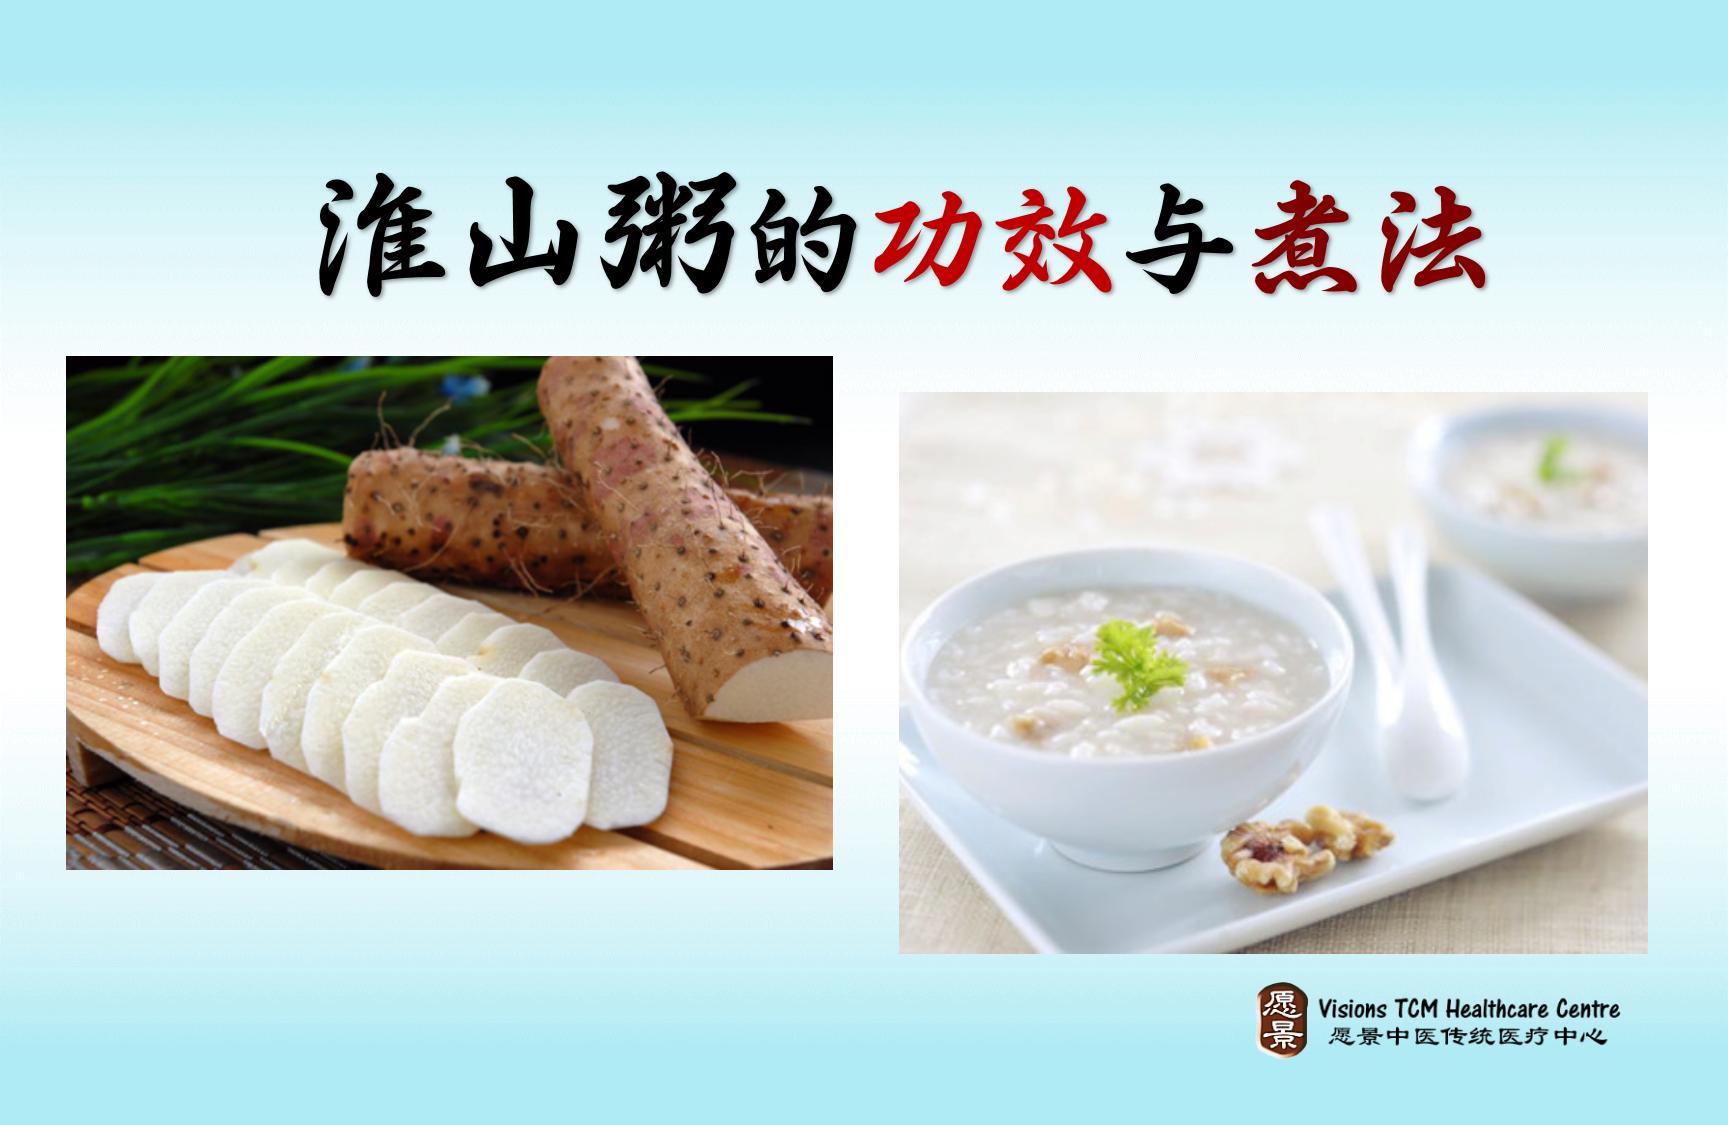 淮山粥的功效与煮法 – 顾护脾胃好帮手